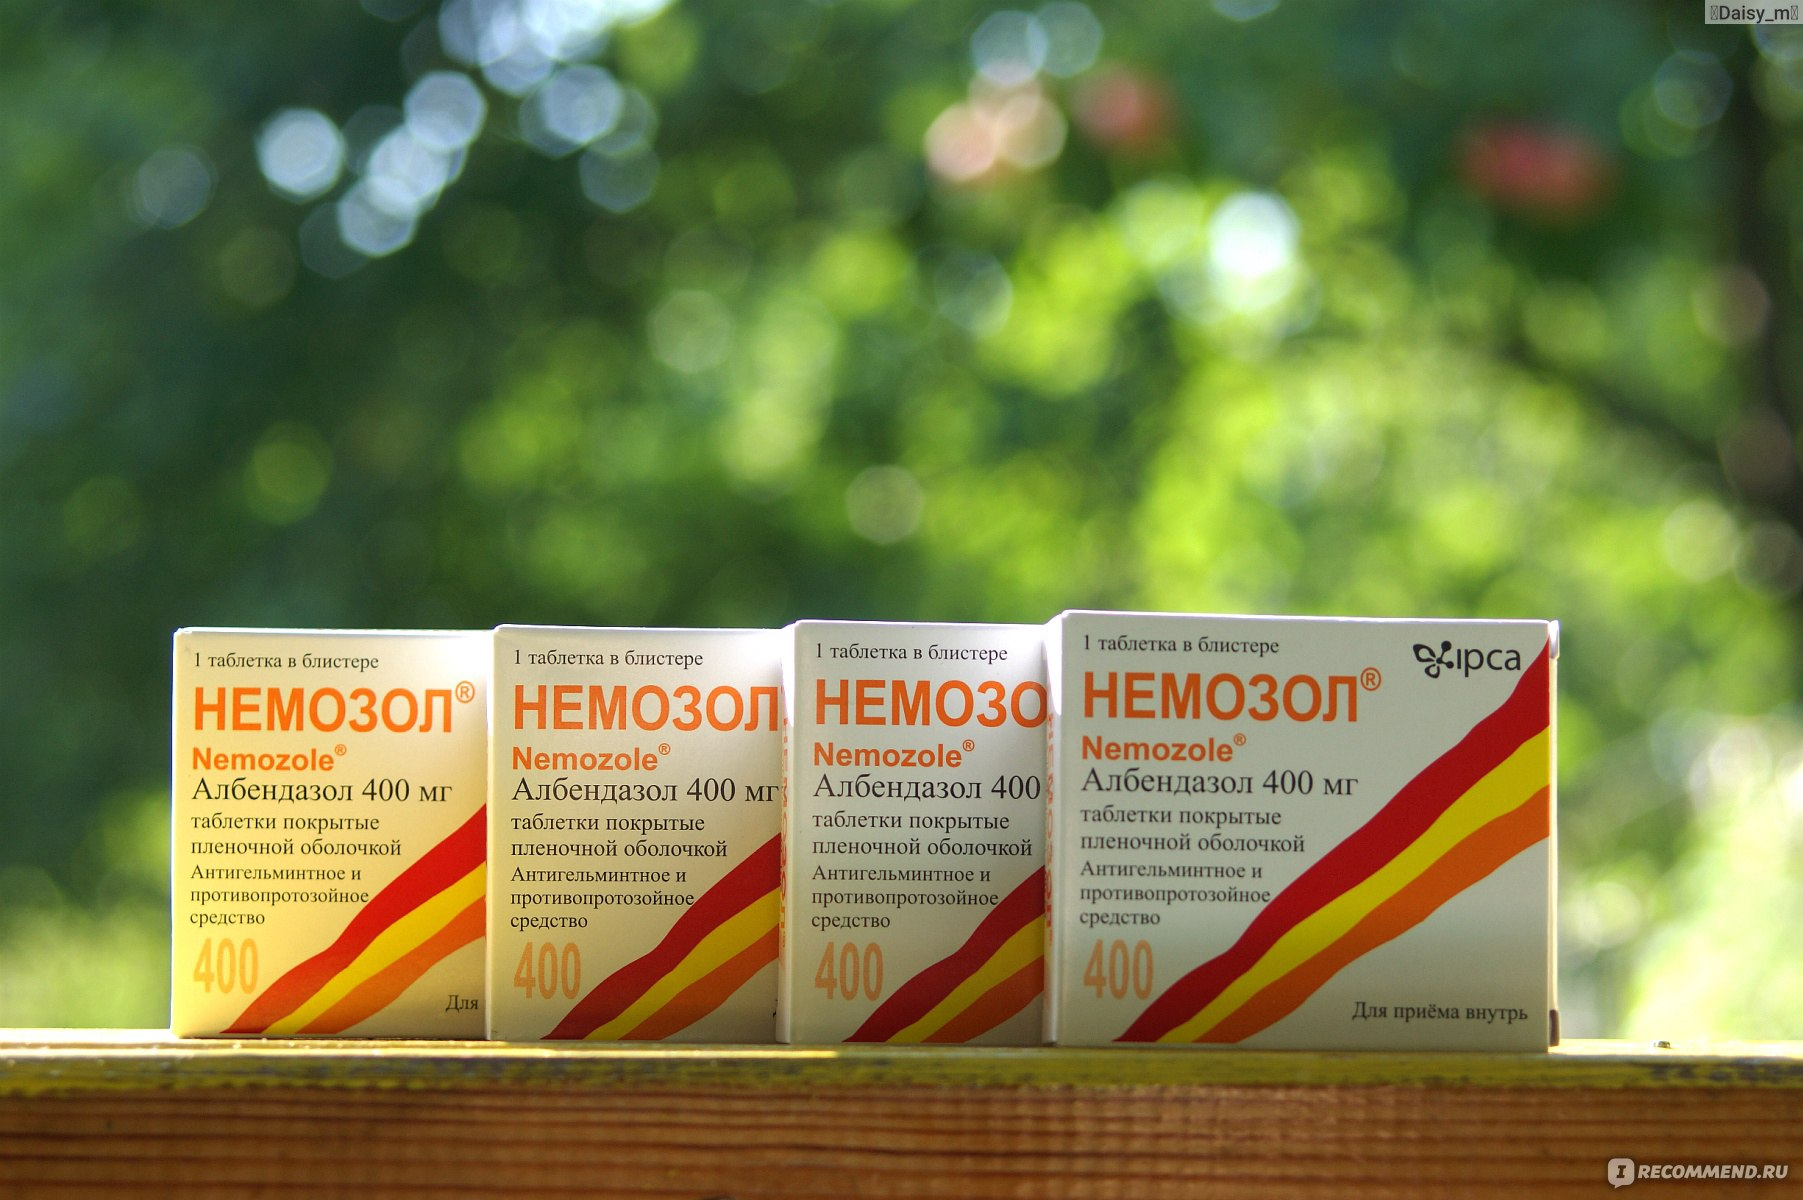 Альбендазол: инструкция по применению, аналоги и отзывы, цены в аптеках россии